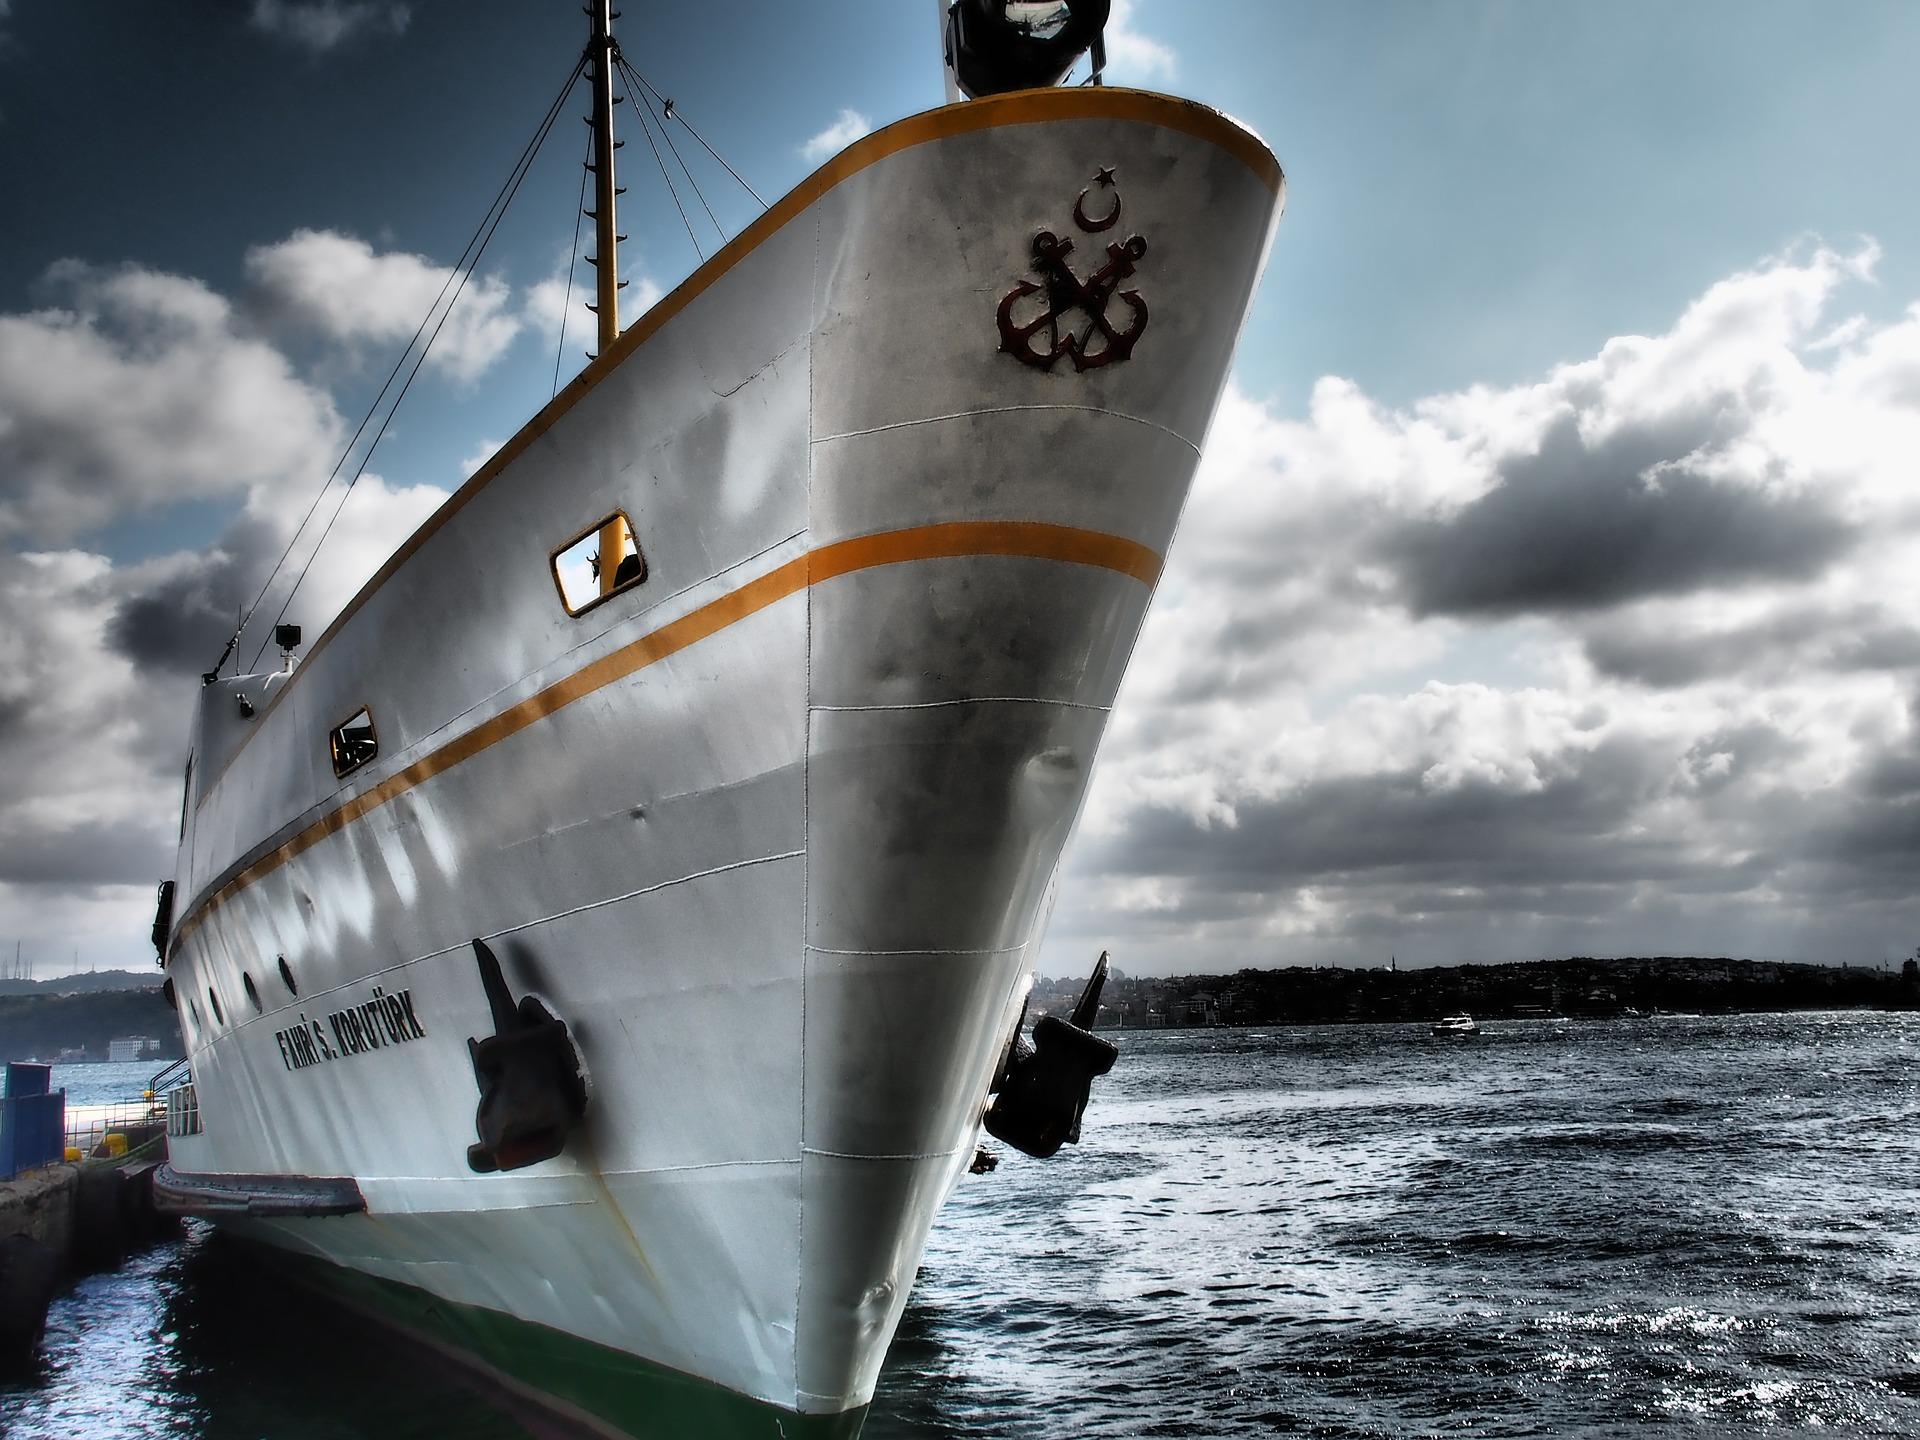 小船, 船舶, 天星渡轮码头, 海, 锚点, 天空, 云彩 - 高清壁纸 - 教授-falken.com